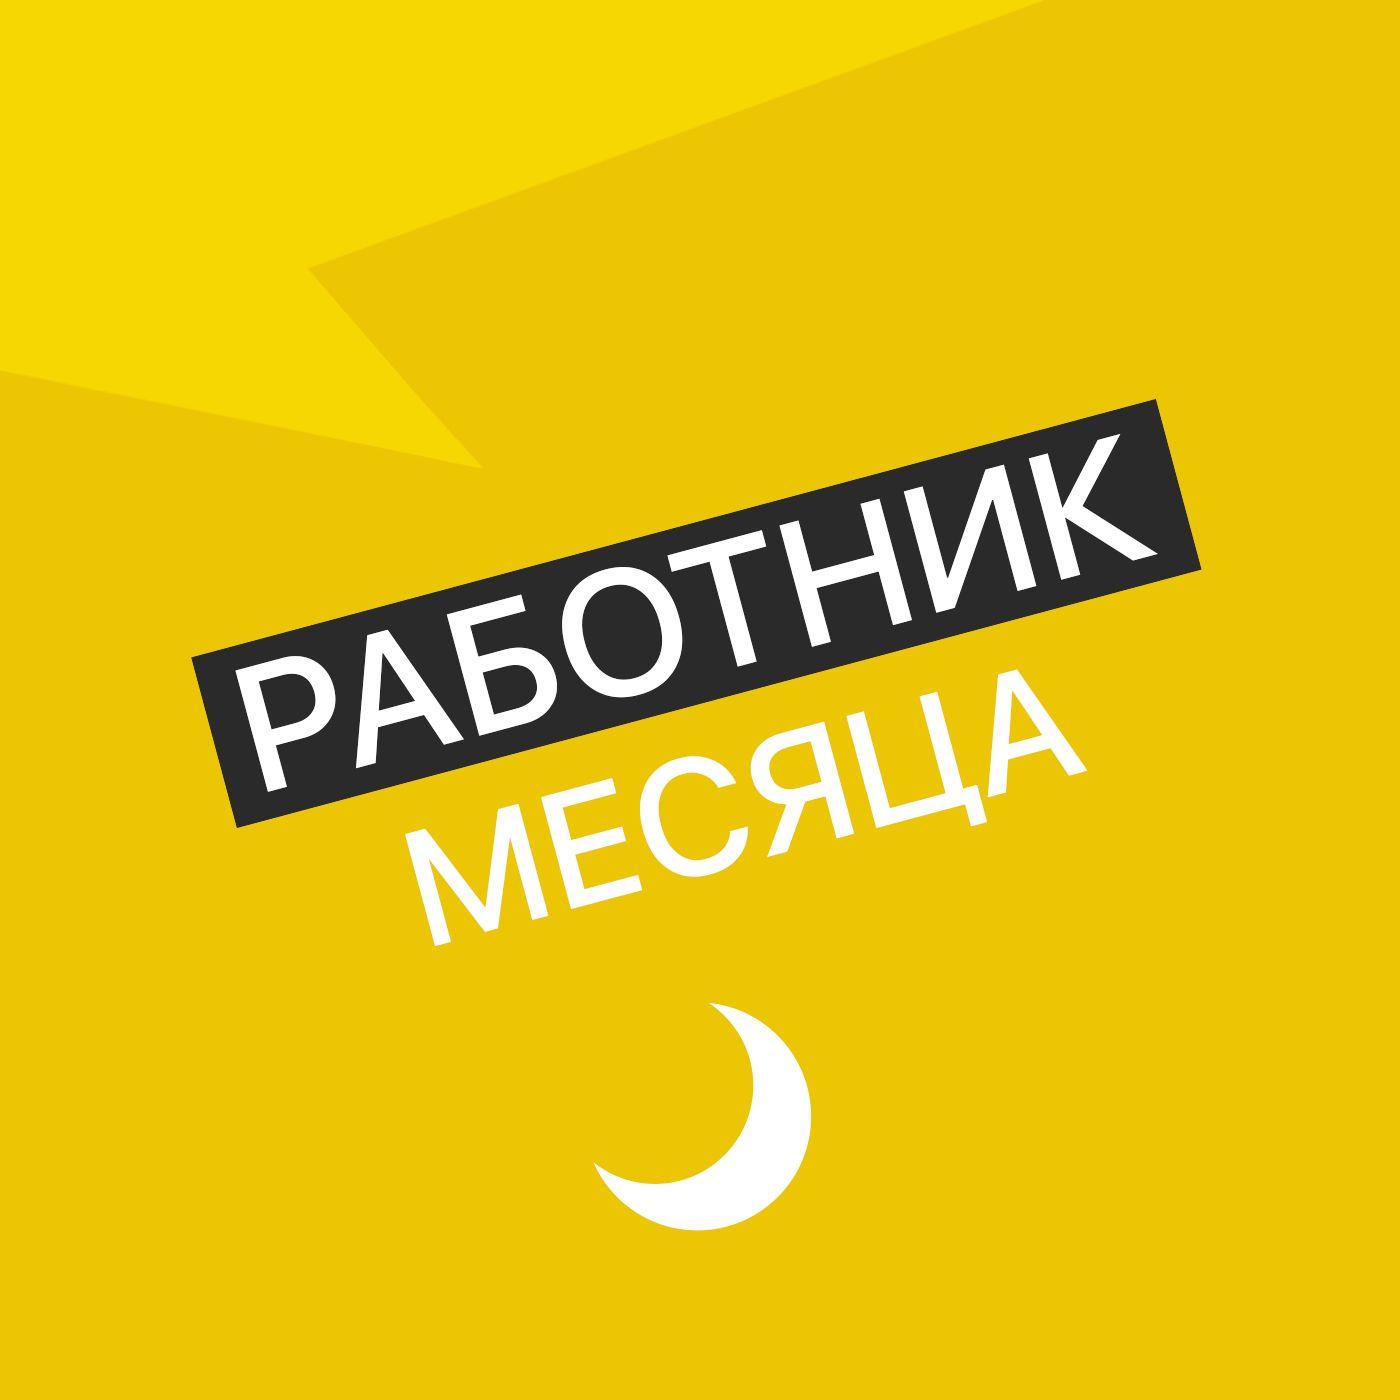 Режиссер мероприятий_Творческий коллектив Mojomedia